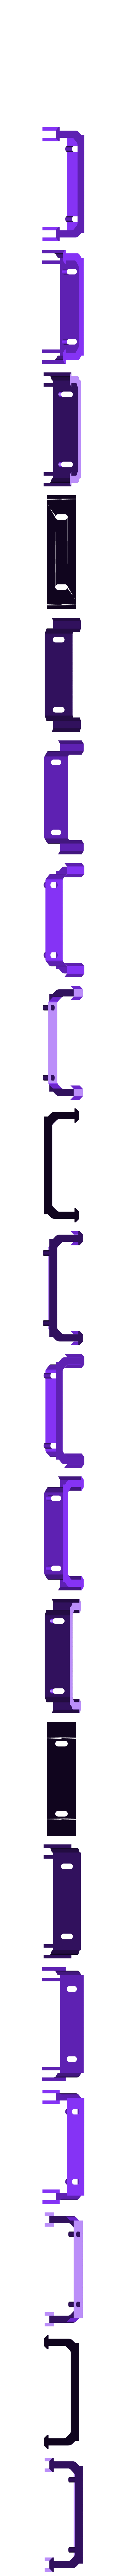 slider-motor-support.stl Télécharger fichier STL gratuit Slider de caméra motorisé MK3 • Modèle pour impression 3D, Adafruit